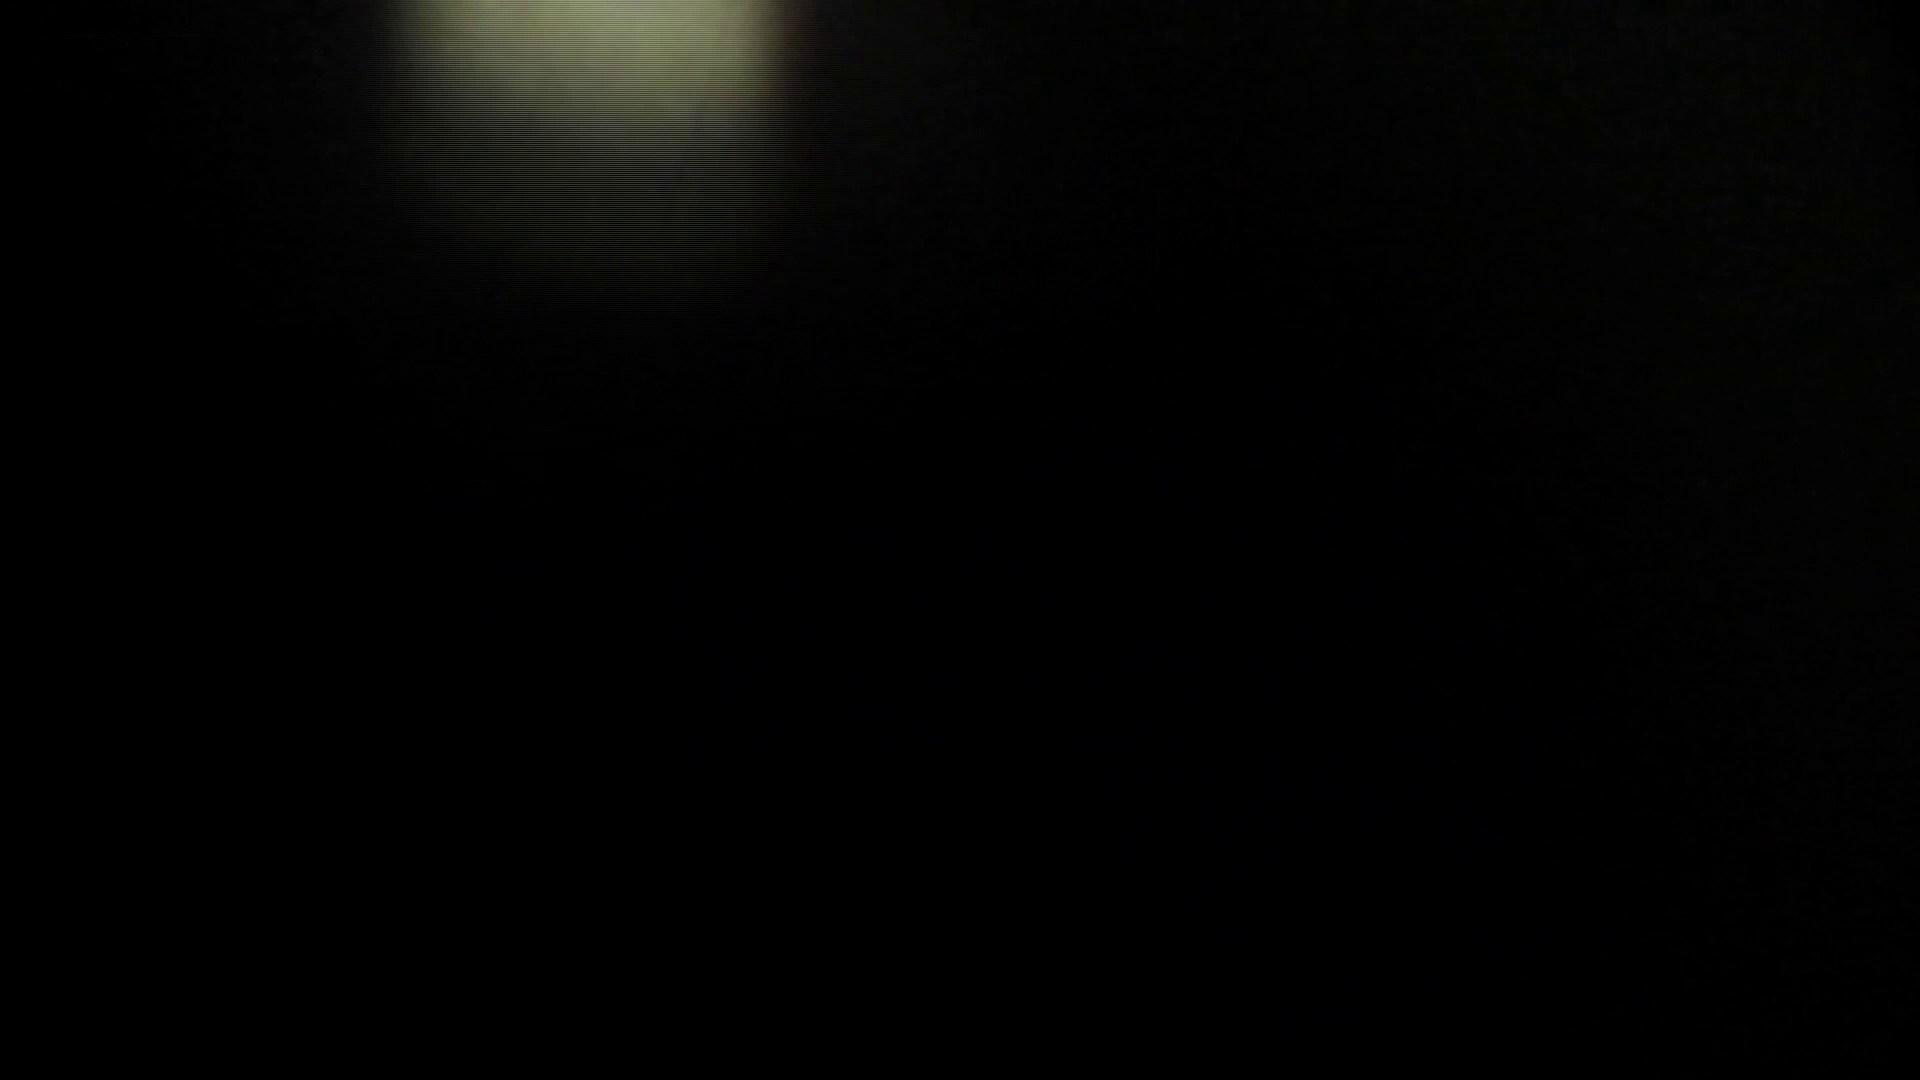 ステーション編 vol47 珍しい、毛からしたってくる聖水 お姉さんのSEX アダルト動画キャプチャ 81枚 76